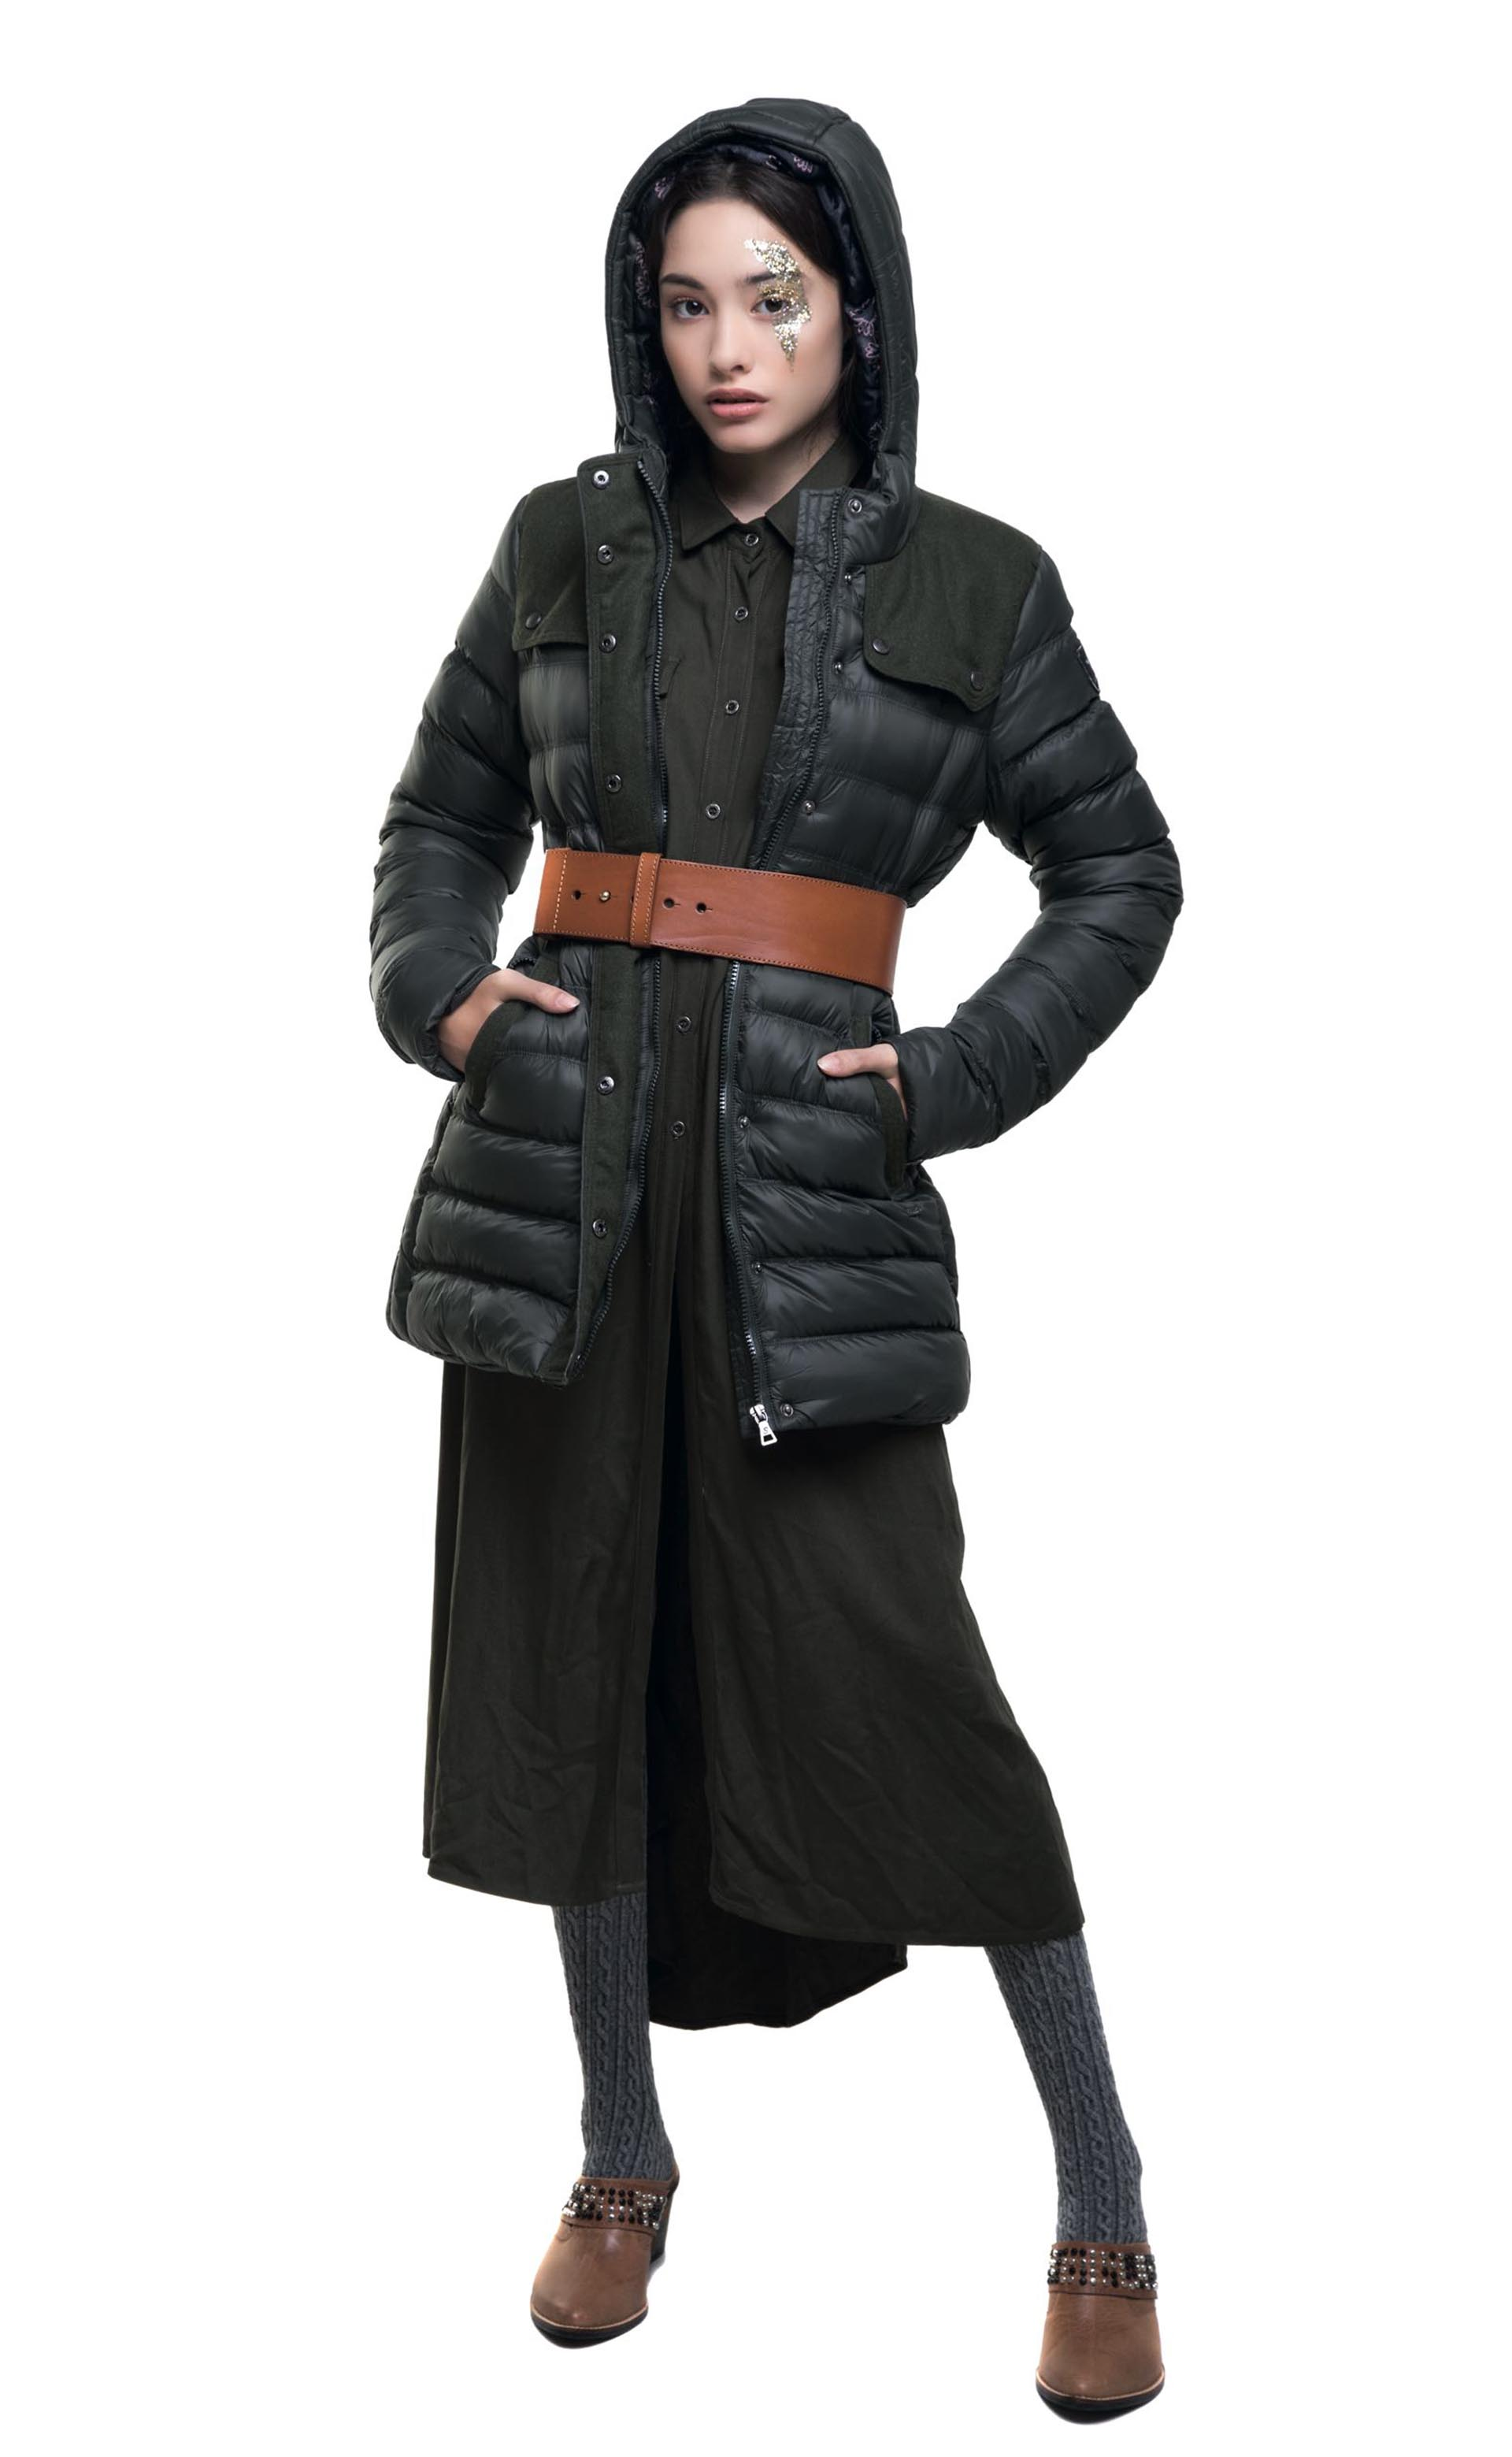 Campera inflada ($ 4.004, Scombro), maxicamisa ($ 2.690, Wanama), cinturón ancho ($ 1.600, Vitamina), medias ¾ de lana (Medias Mora) y zuecos de cuero ($ 5.675, The Bag Belt)